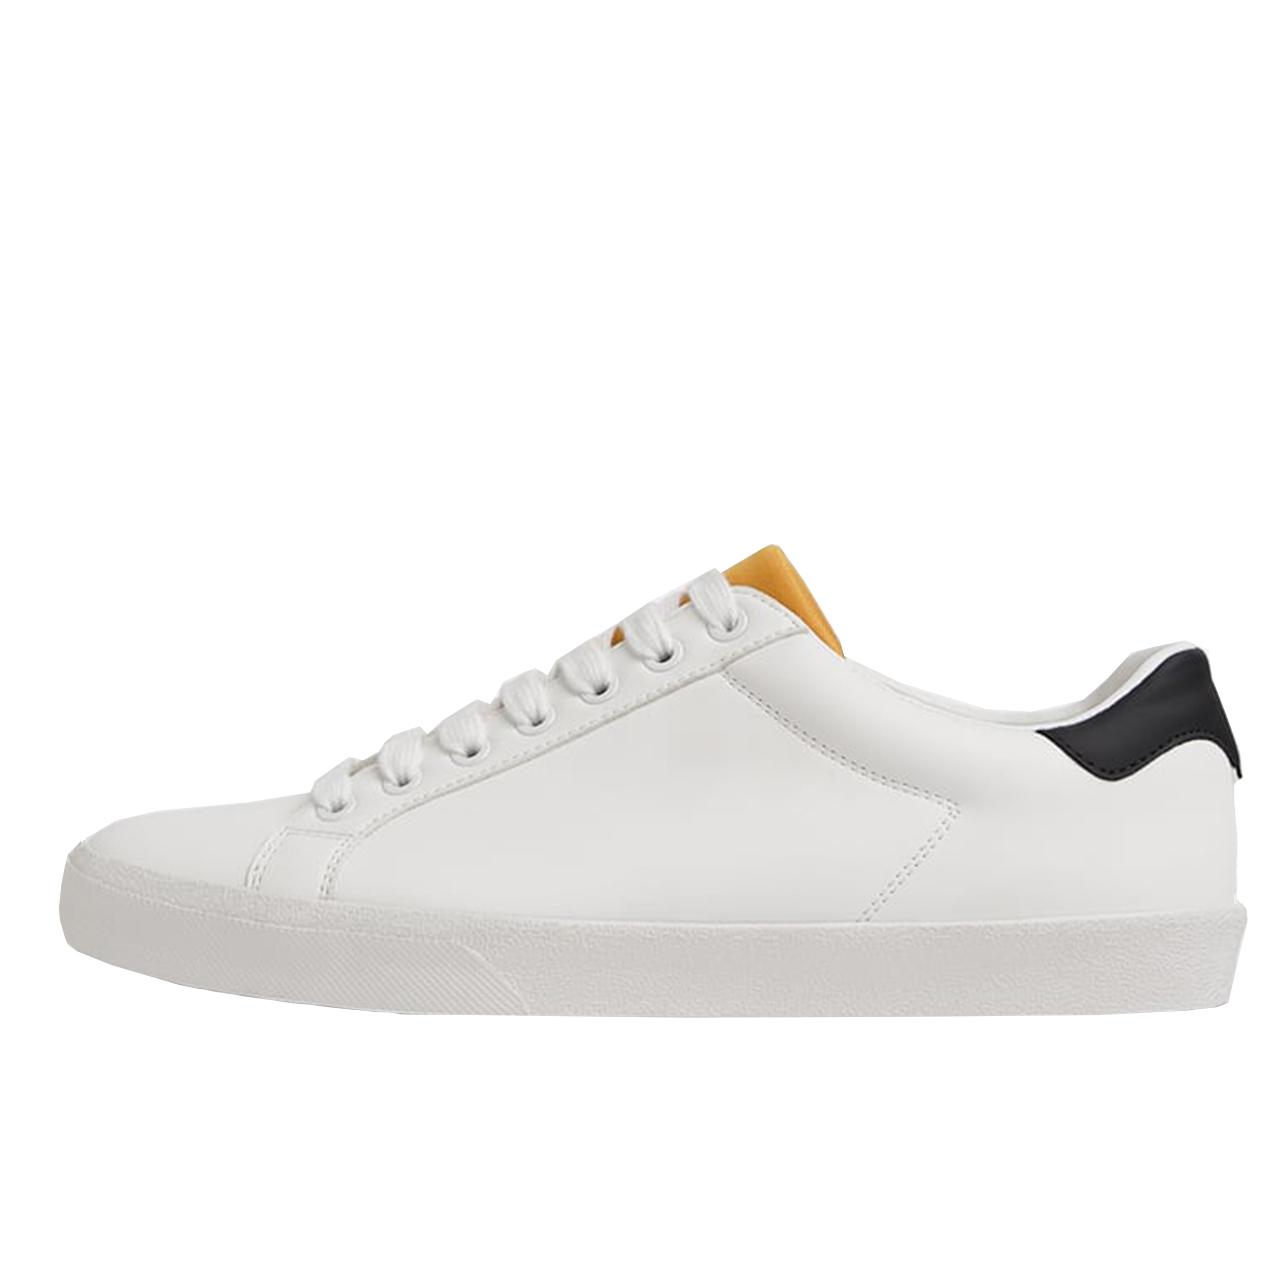 قیمت کفش مردانه زارا مدل MULTICOLOUR - 5229/302